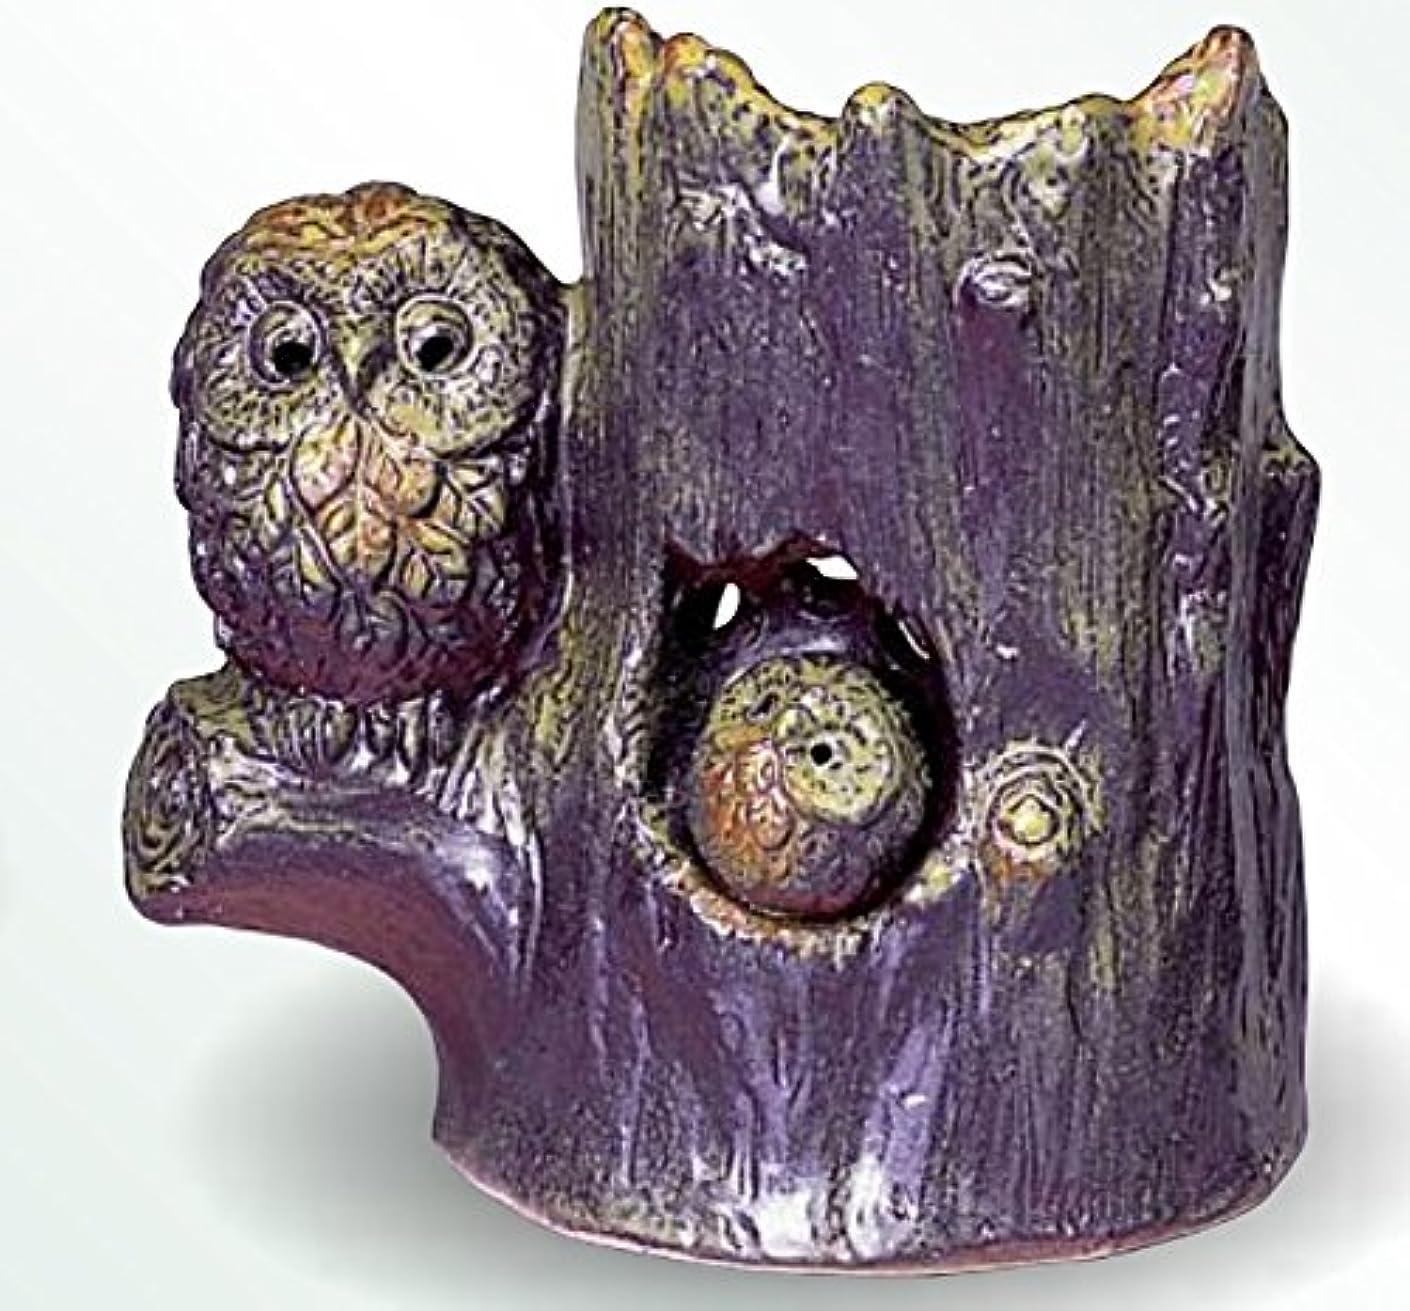 レイア横たわるタイル常滑焼 茶香炉(アロマポット)森フクロウ 径13.5×高さ14.5cm